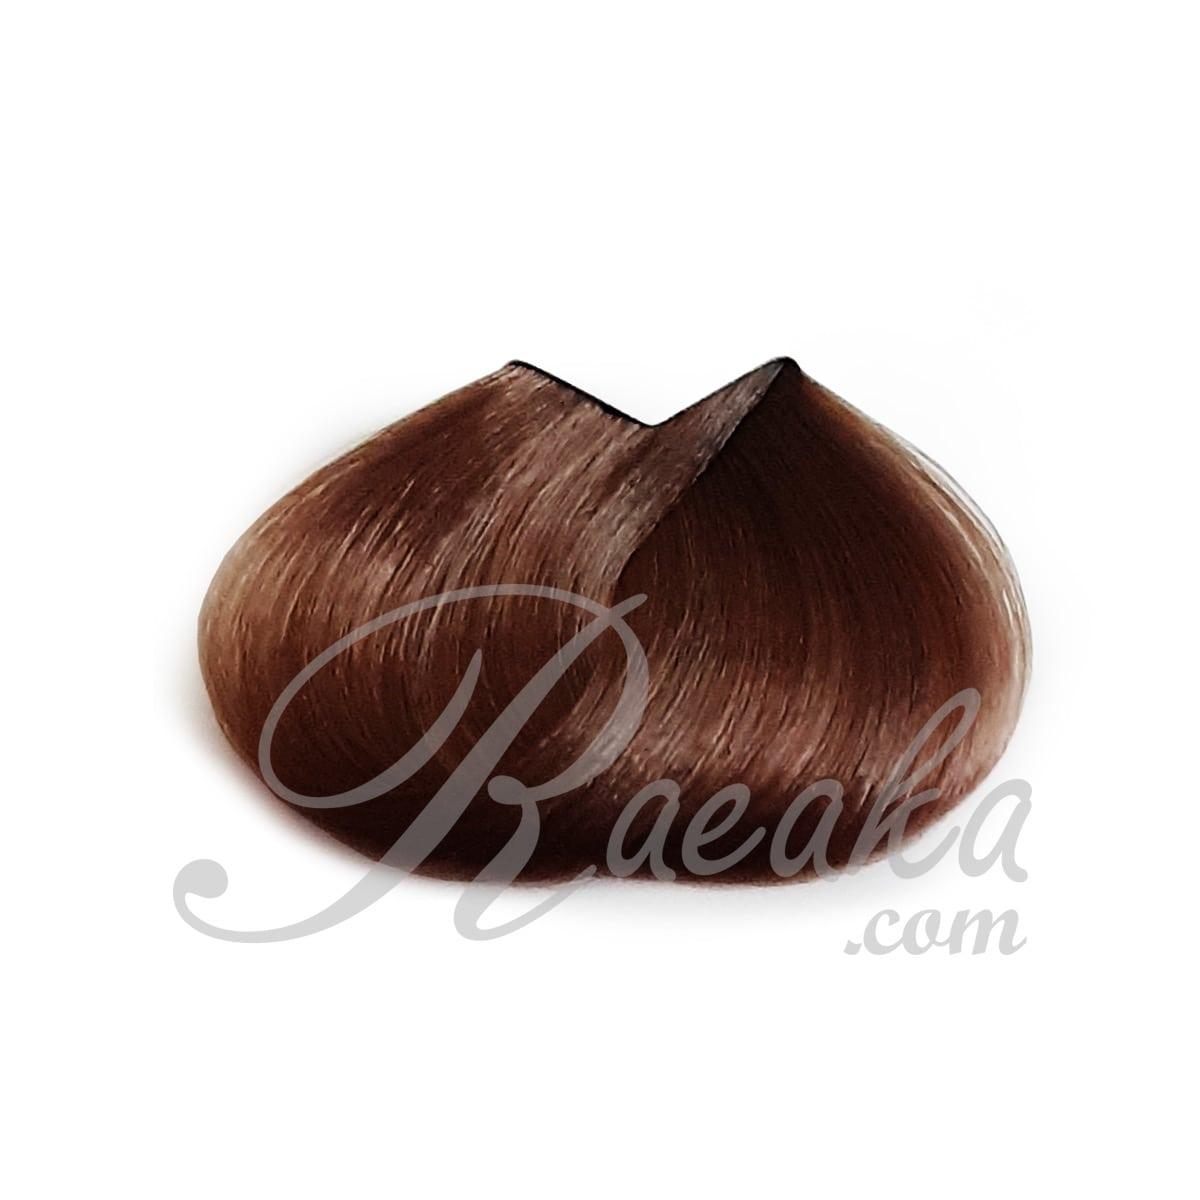 کیت رنگ موی زی فام شماره ۶ (بلوند تیره طبیعی) با محافظت سه گانه